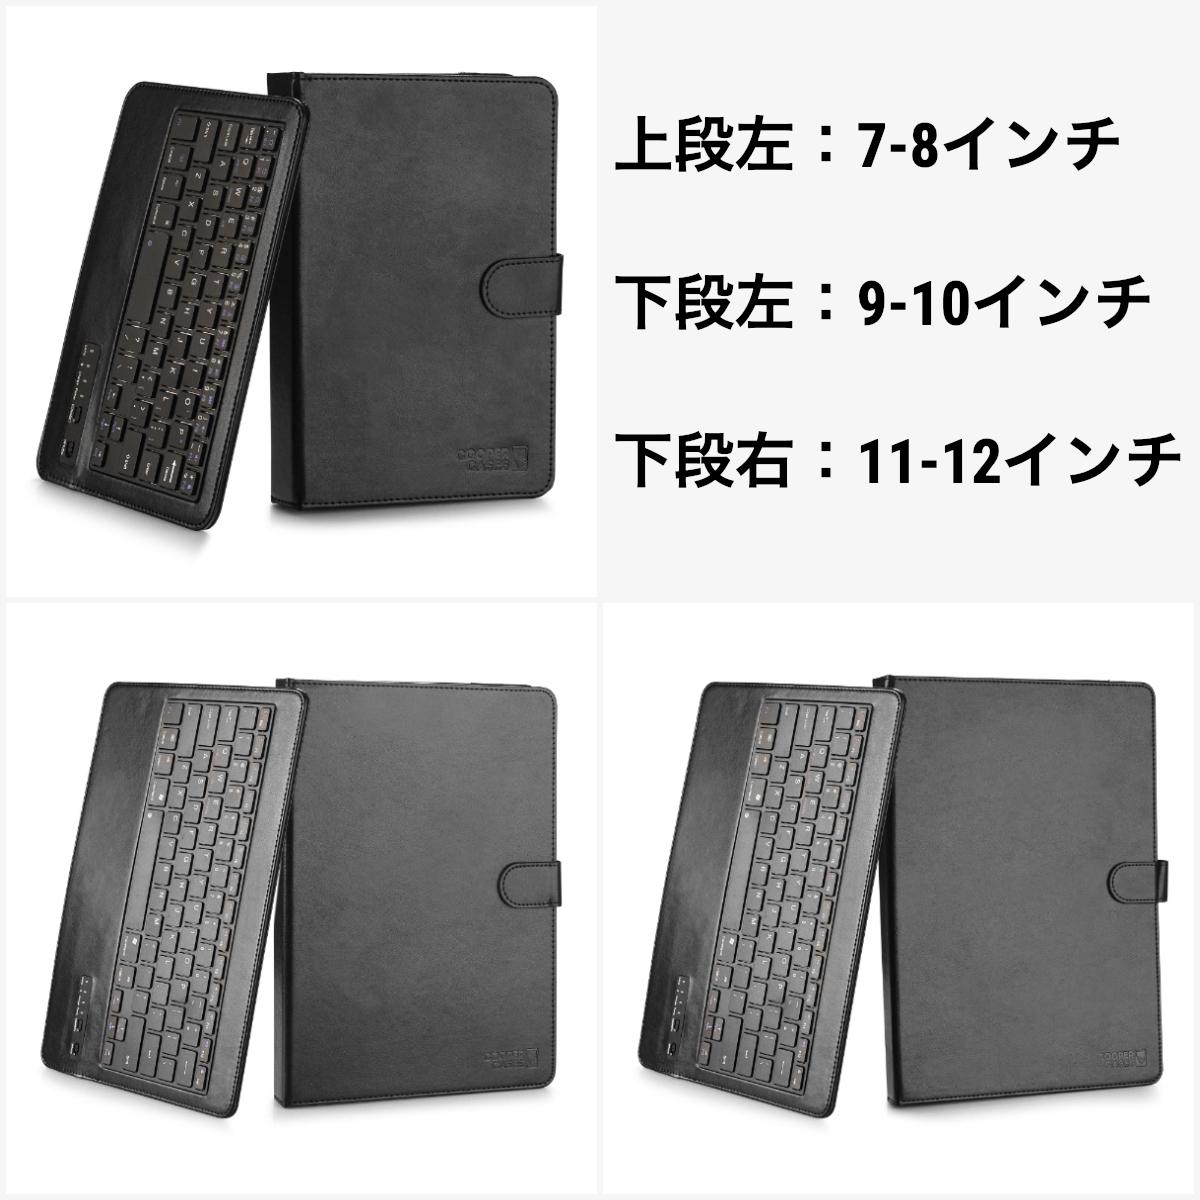 3ae0ade9c5 タブレットケースキーボード7インチ8インチ9インチ9.710インチ10.111インチ12インチワイヤレス